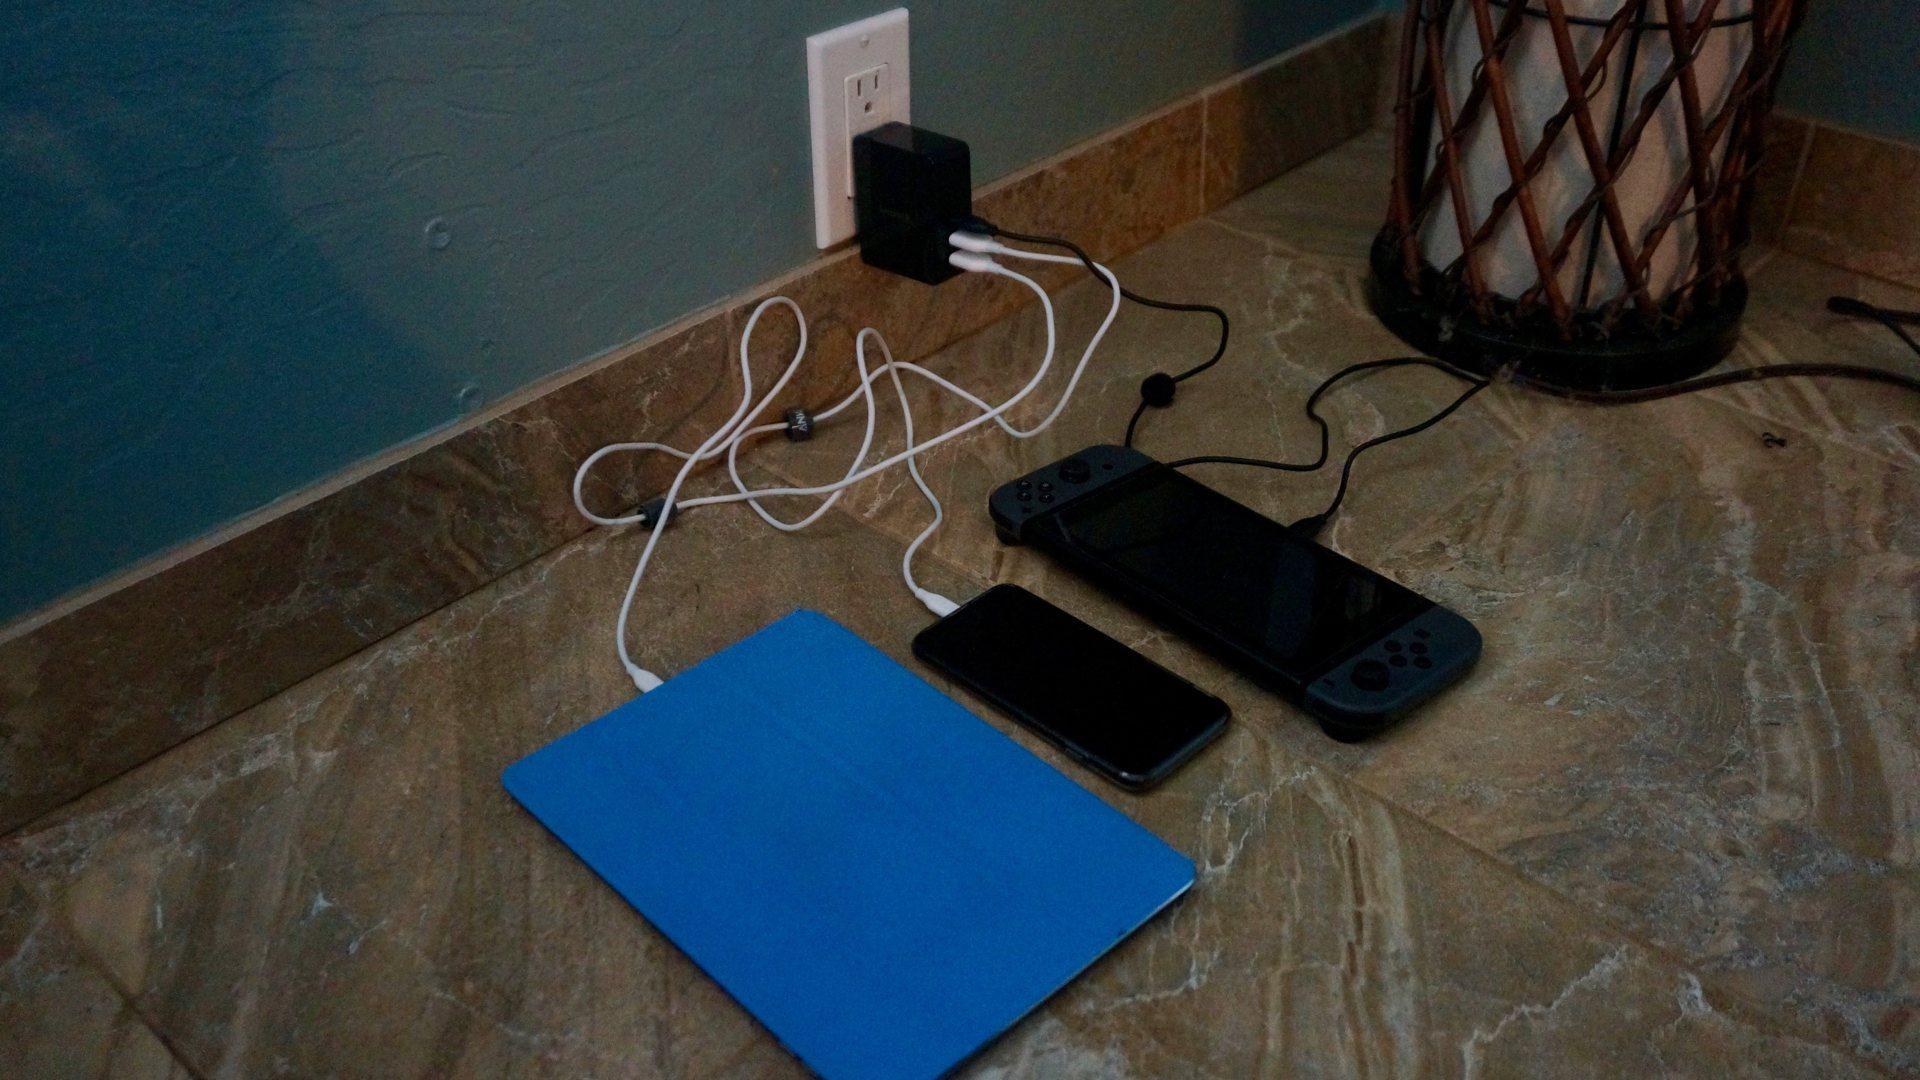 Inateck 45W 3-Port USB-C Cargador en Kauai.